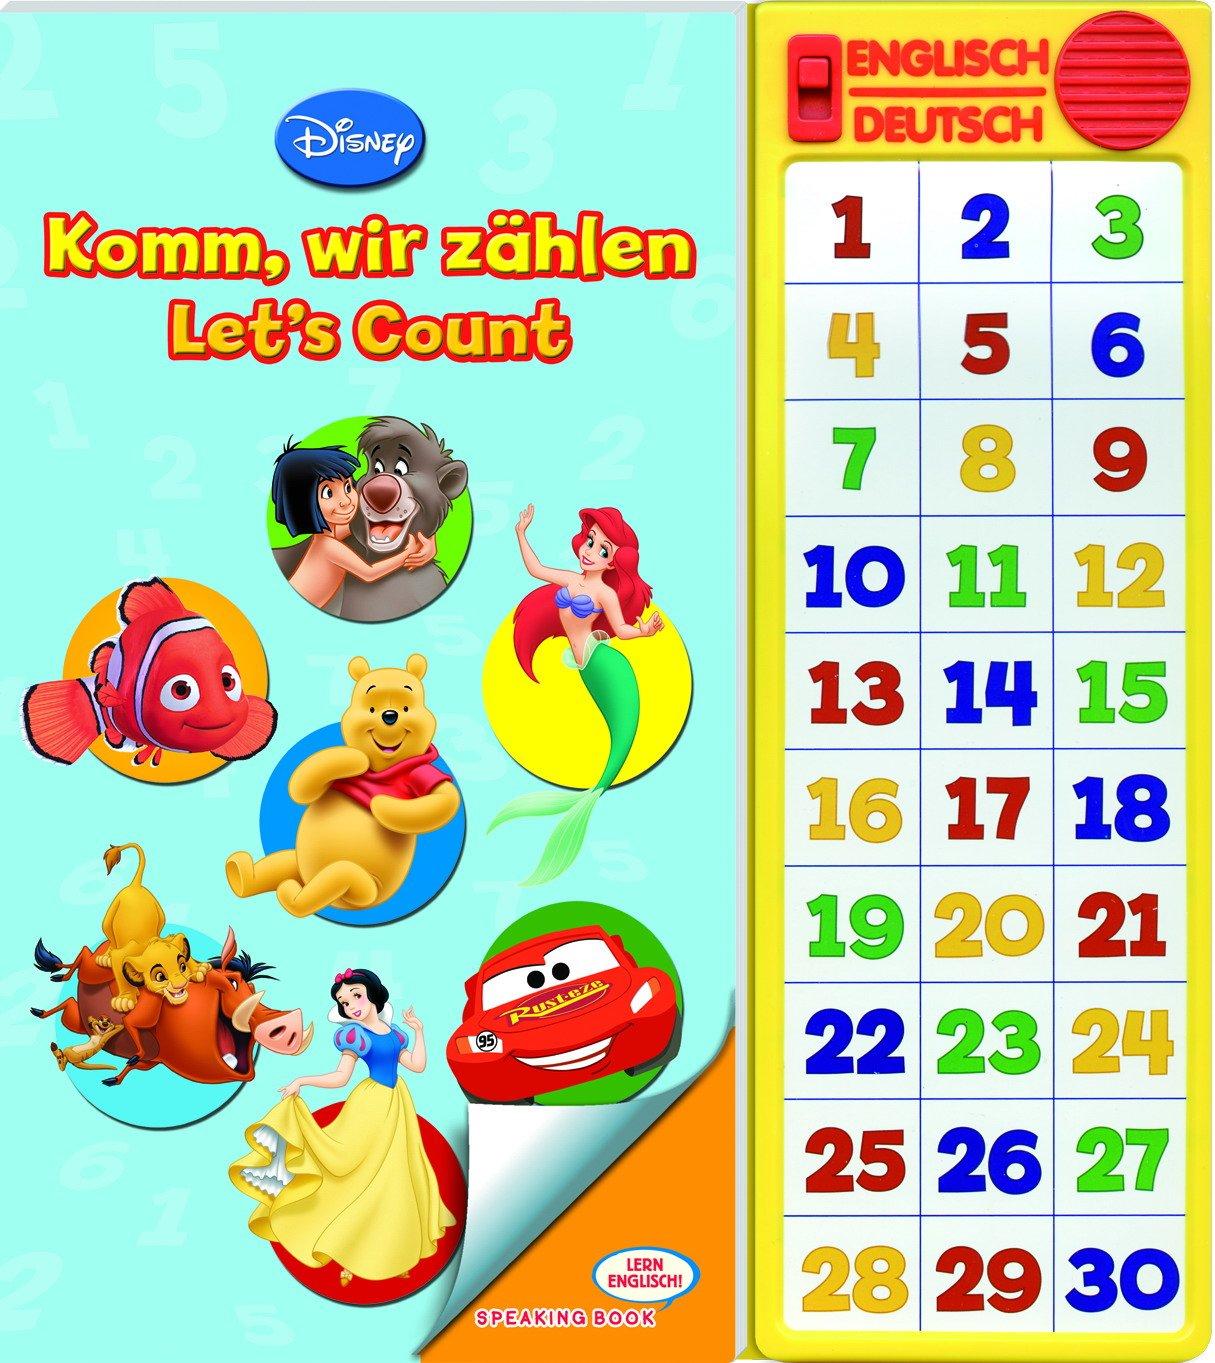 Disney - Komm, wir zählen/Let´s Count, Lern Englisch/Speaking Buch, Buch mit zweisprachiger Soundleiste